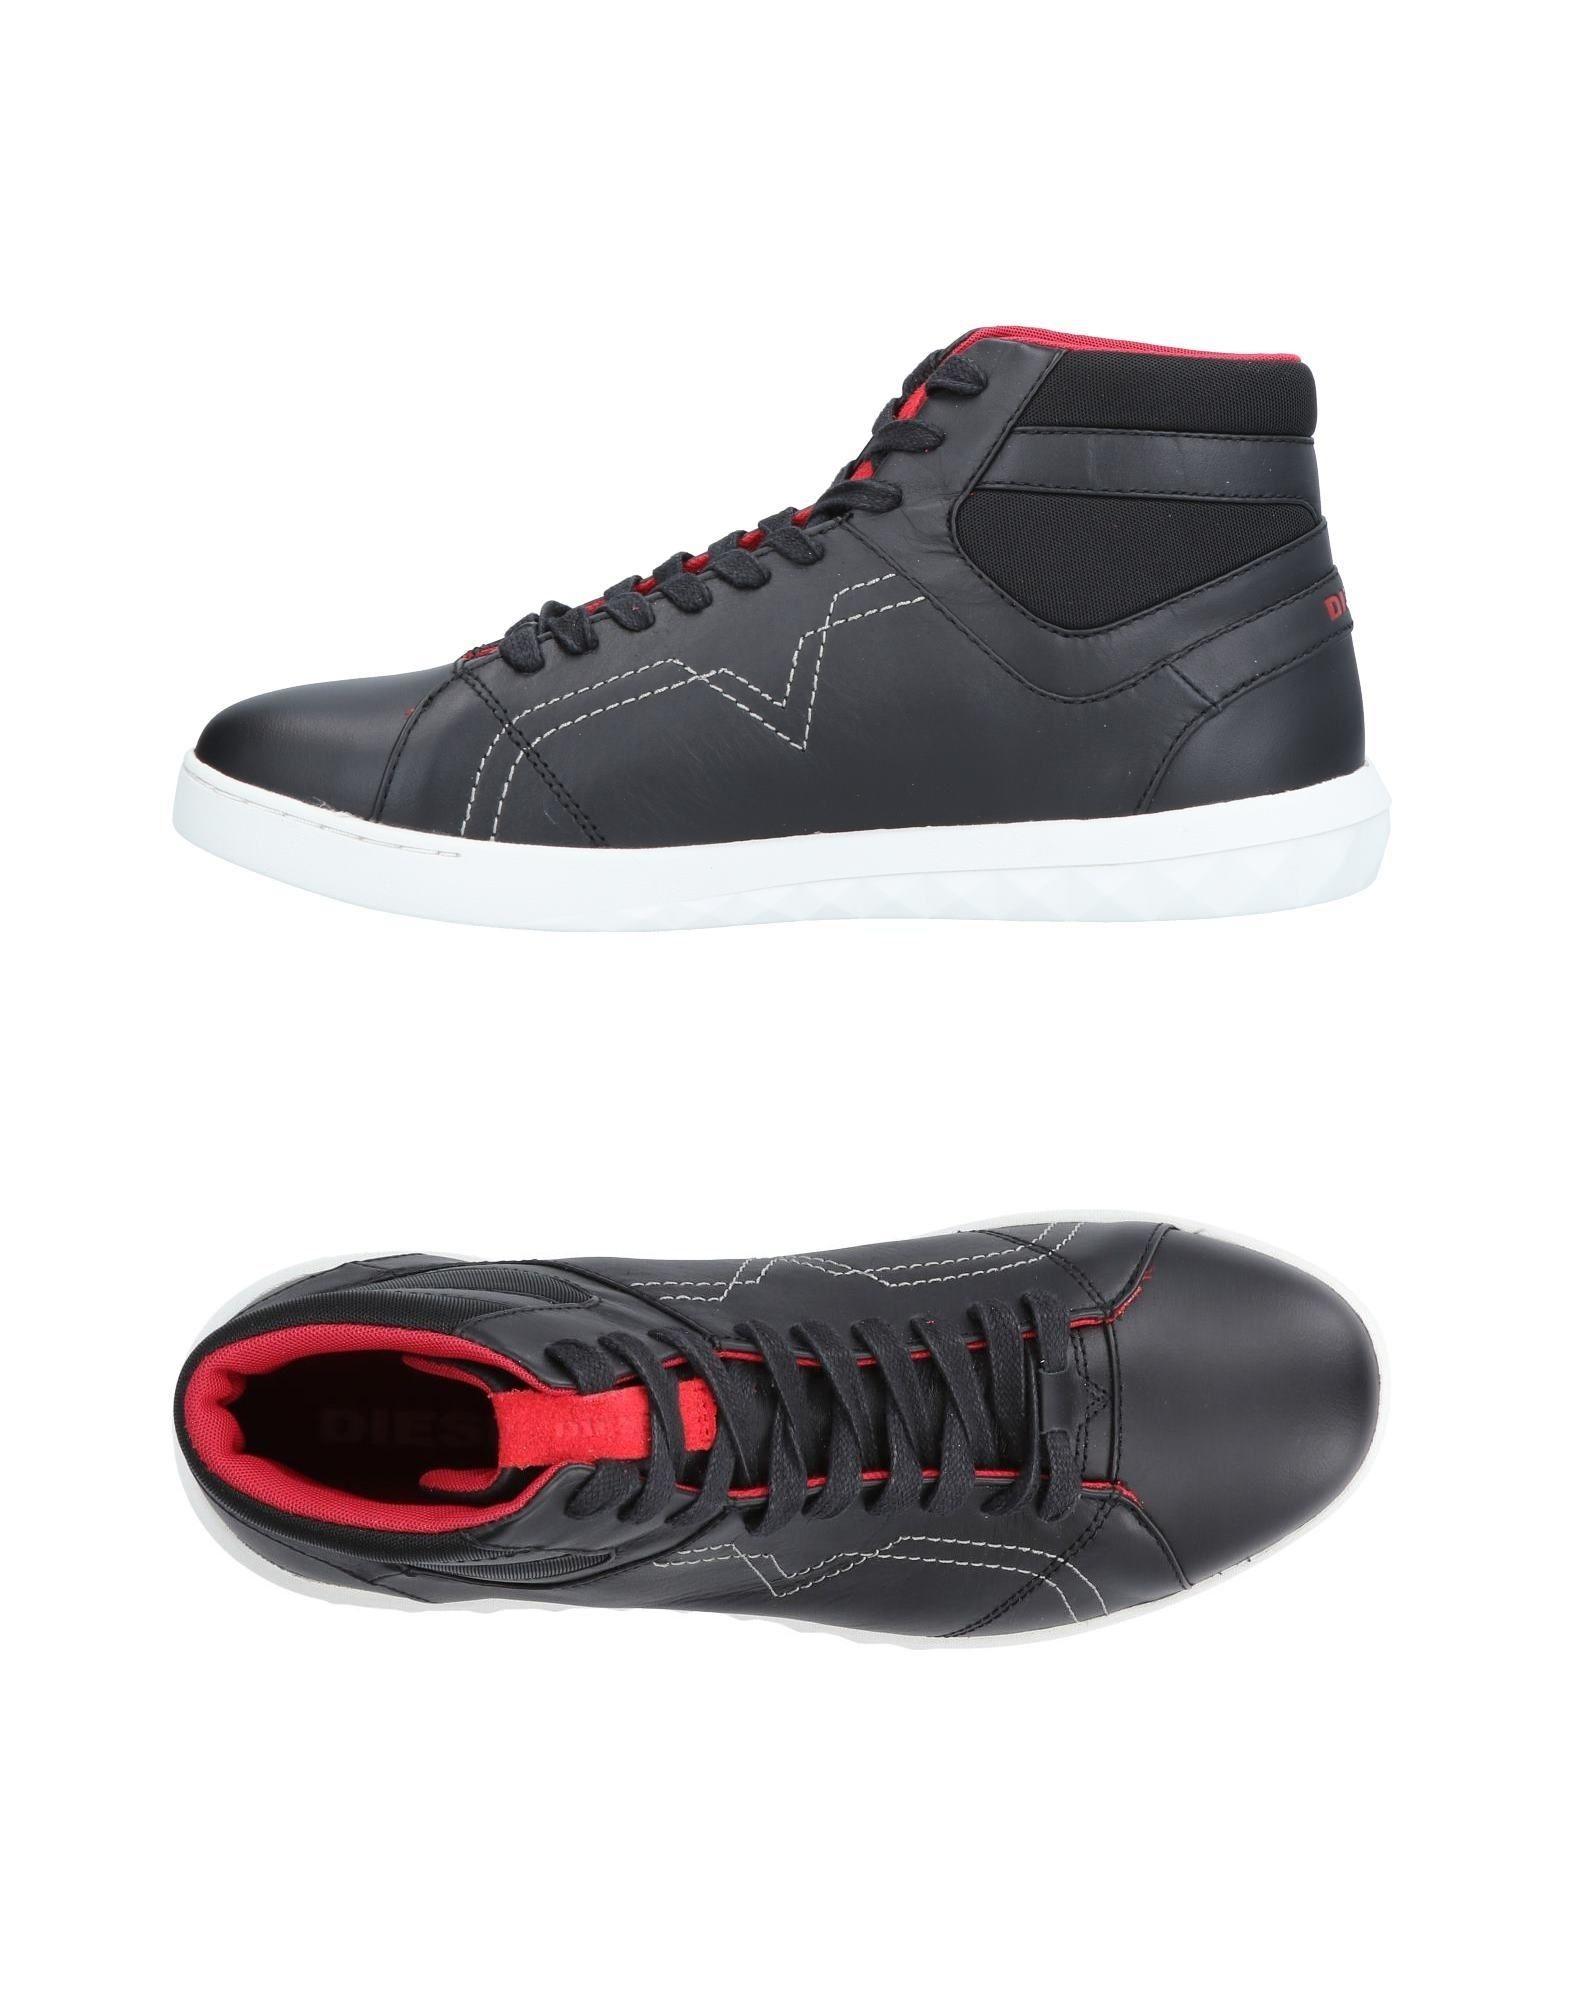 DIESEL ΠΑΠΟΥΤΣΙΑ Χαμηλά sneakers 635392849e5